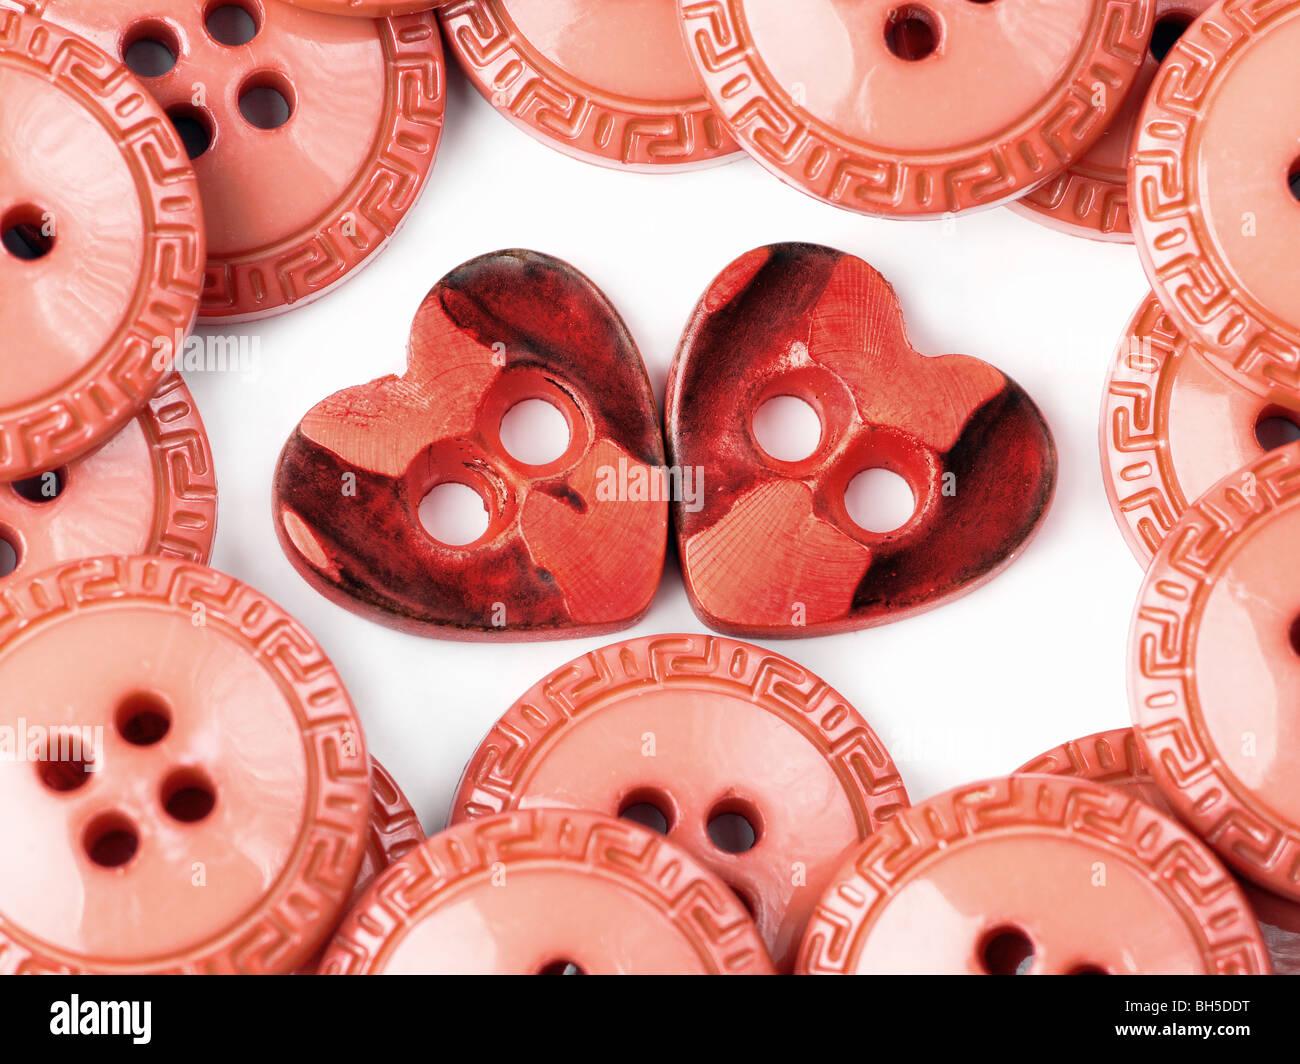 Deux boutons en forme de coeur entouré de boutons ronds Photo Stock